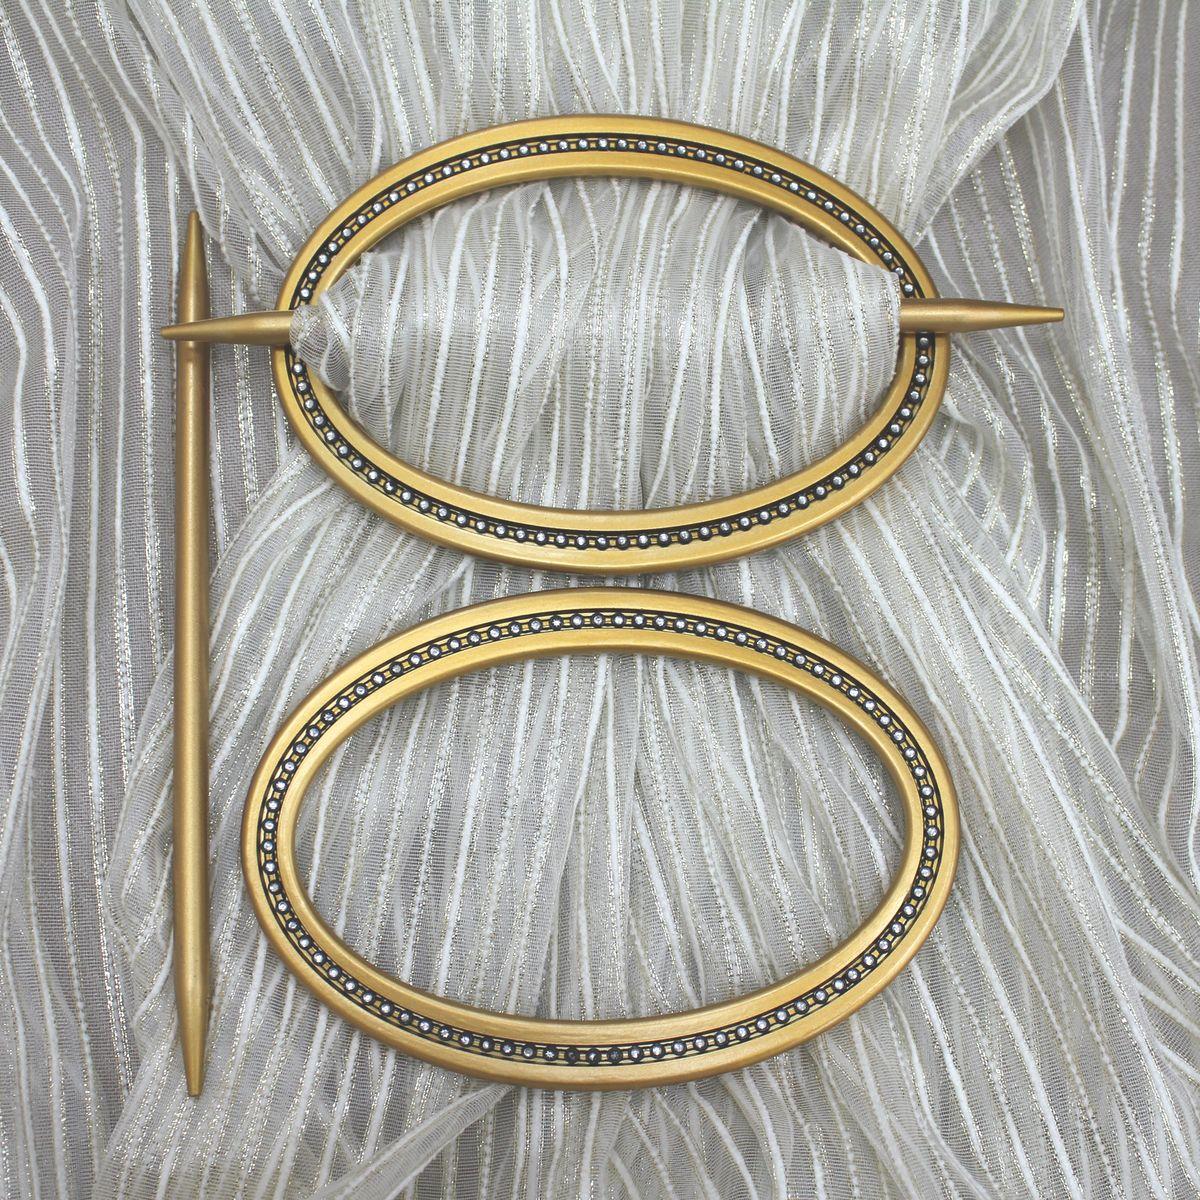 Заколка для штор TexRepublic Oval, цвет: золотистый, 2 шт. MI C6-2902900332Кольцо декоративное для штор TexRepublic Oval - красивая и стильная заколка, удерживающая шторы. Заколка выполненная из высококачественного пластика, предназначена для фиксации штор или для формирования декоративных складок на ткани. С ее помощью можно зафиксировать шторы или скрепить их, придать им требуемое положение, сделать симметричные складки. Заколка для штор является универсальным изделием, которое превосходно подойдет для любых видов штор. Изделие придаст шторам восхитительный, стильный внешний вид и добавит уют в интерьер помещения. В комплекте 2 заколки.